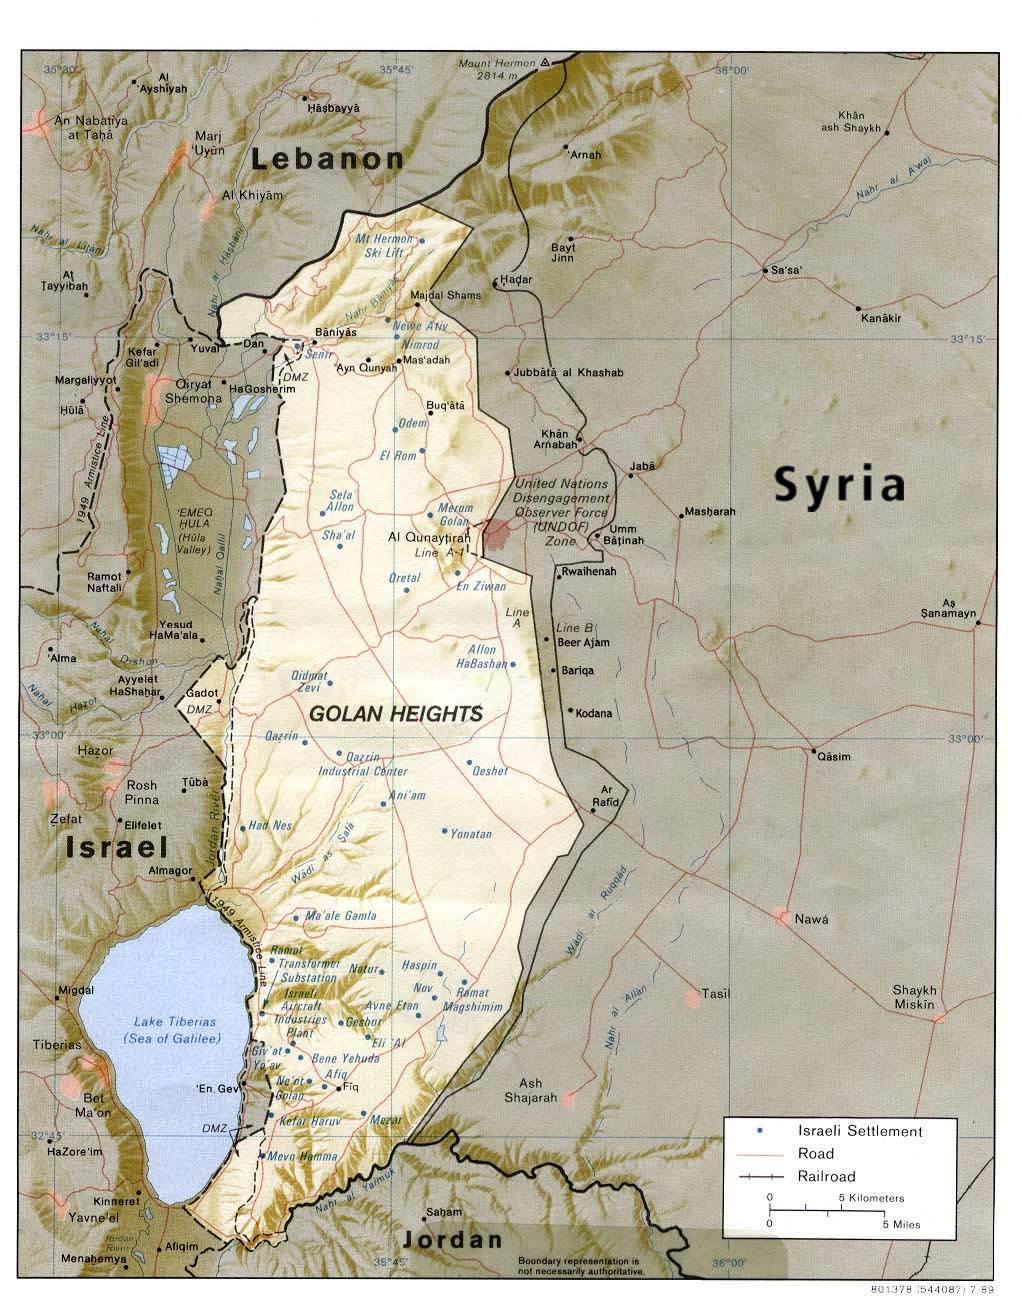 Ramat Ha-Golan map